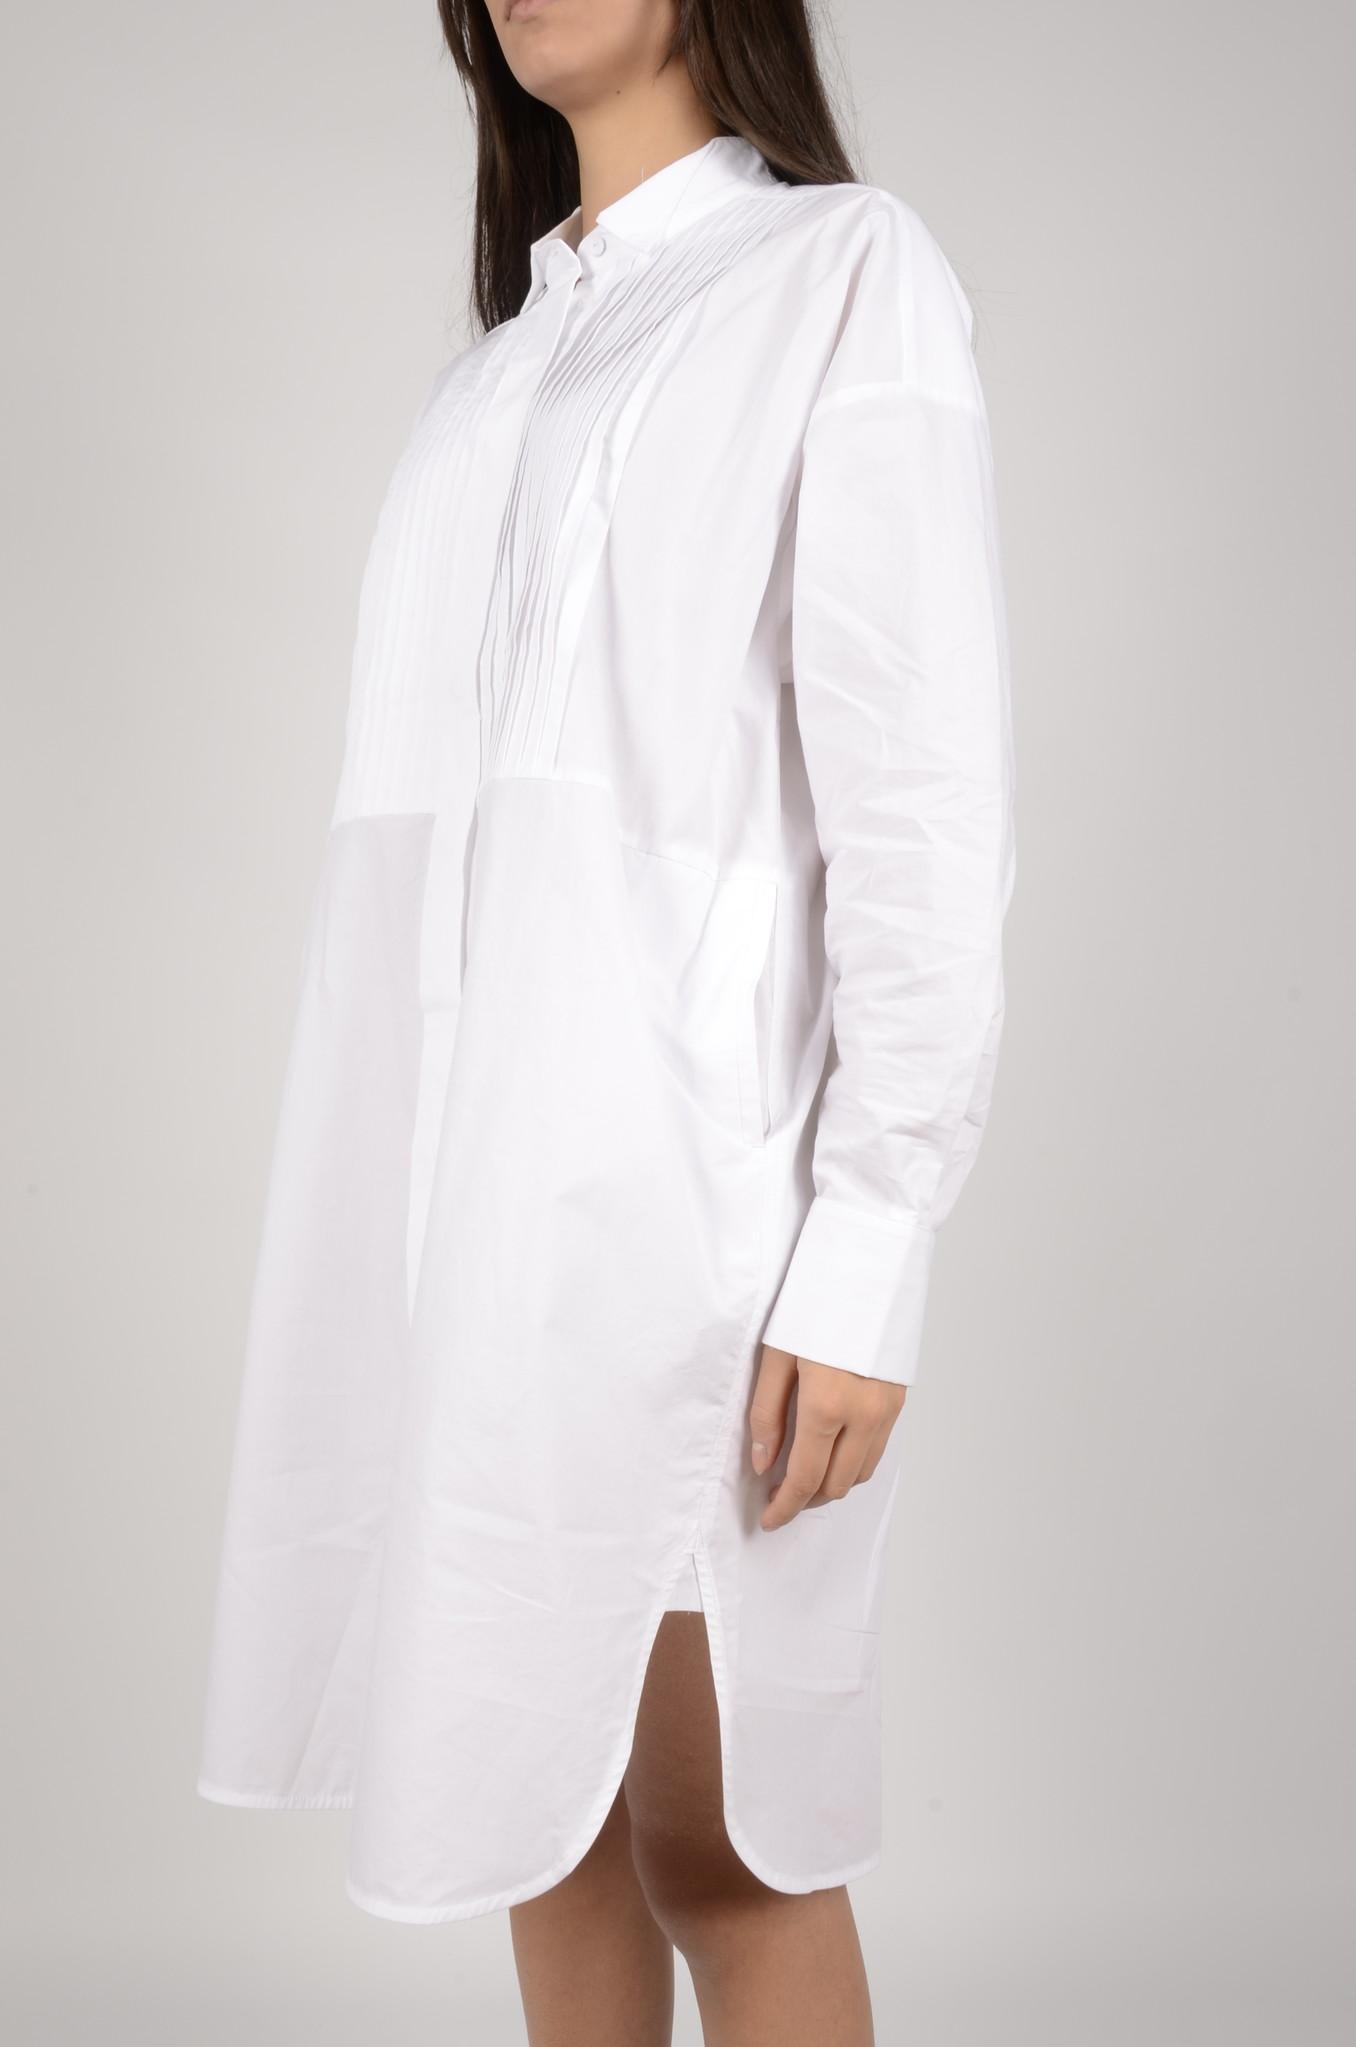 ANDREW DRESS-3